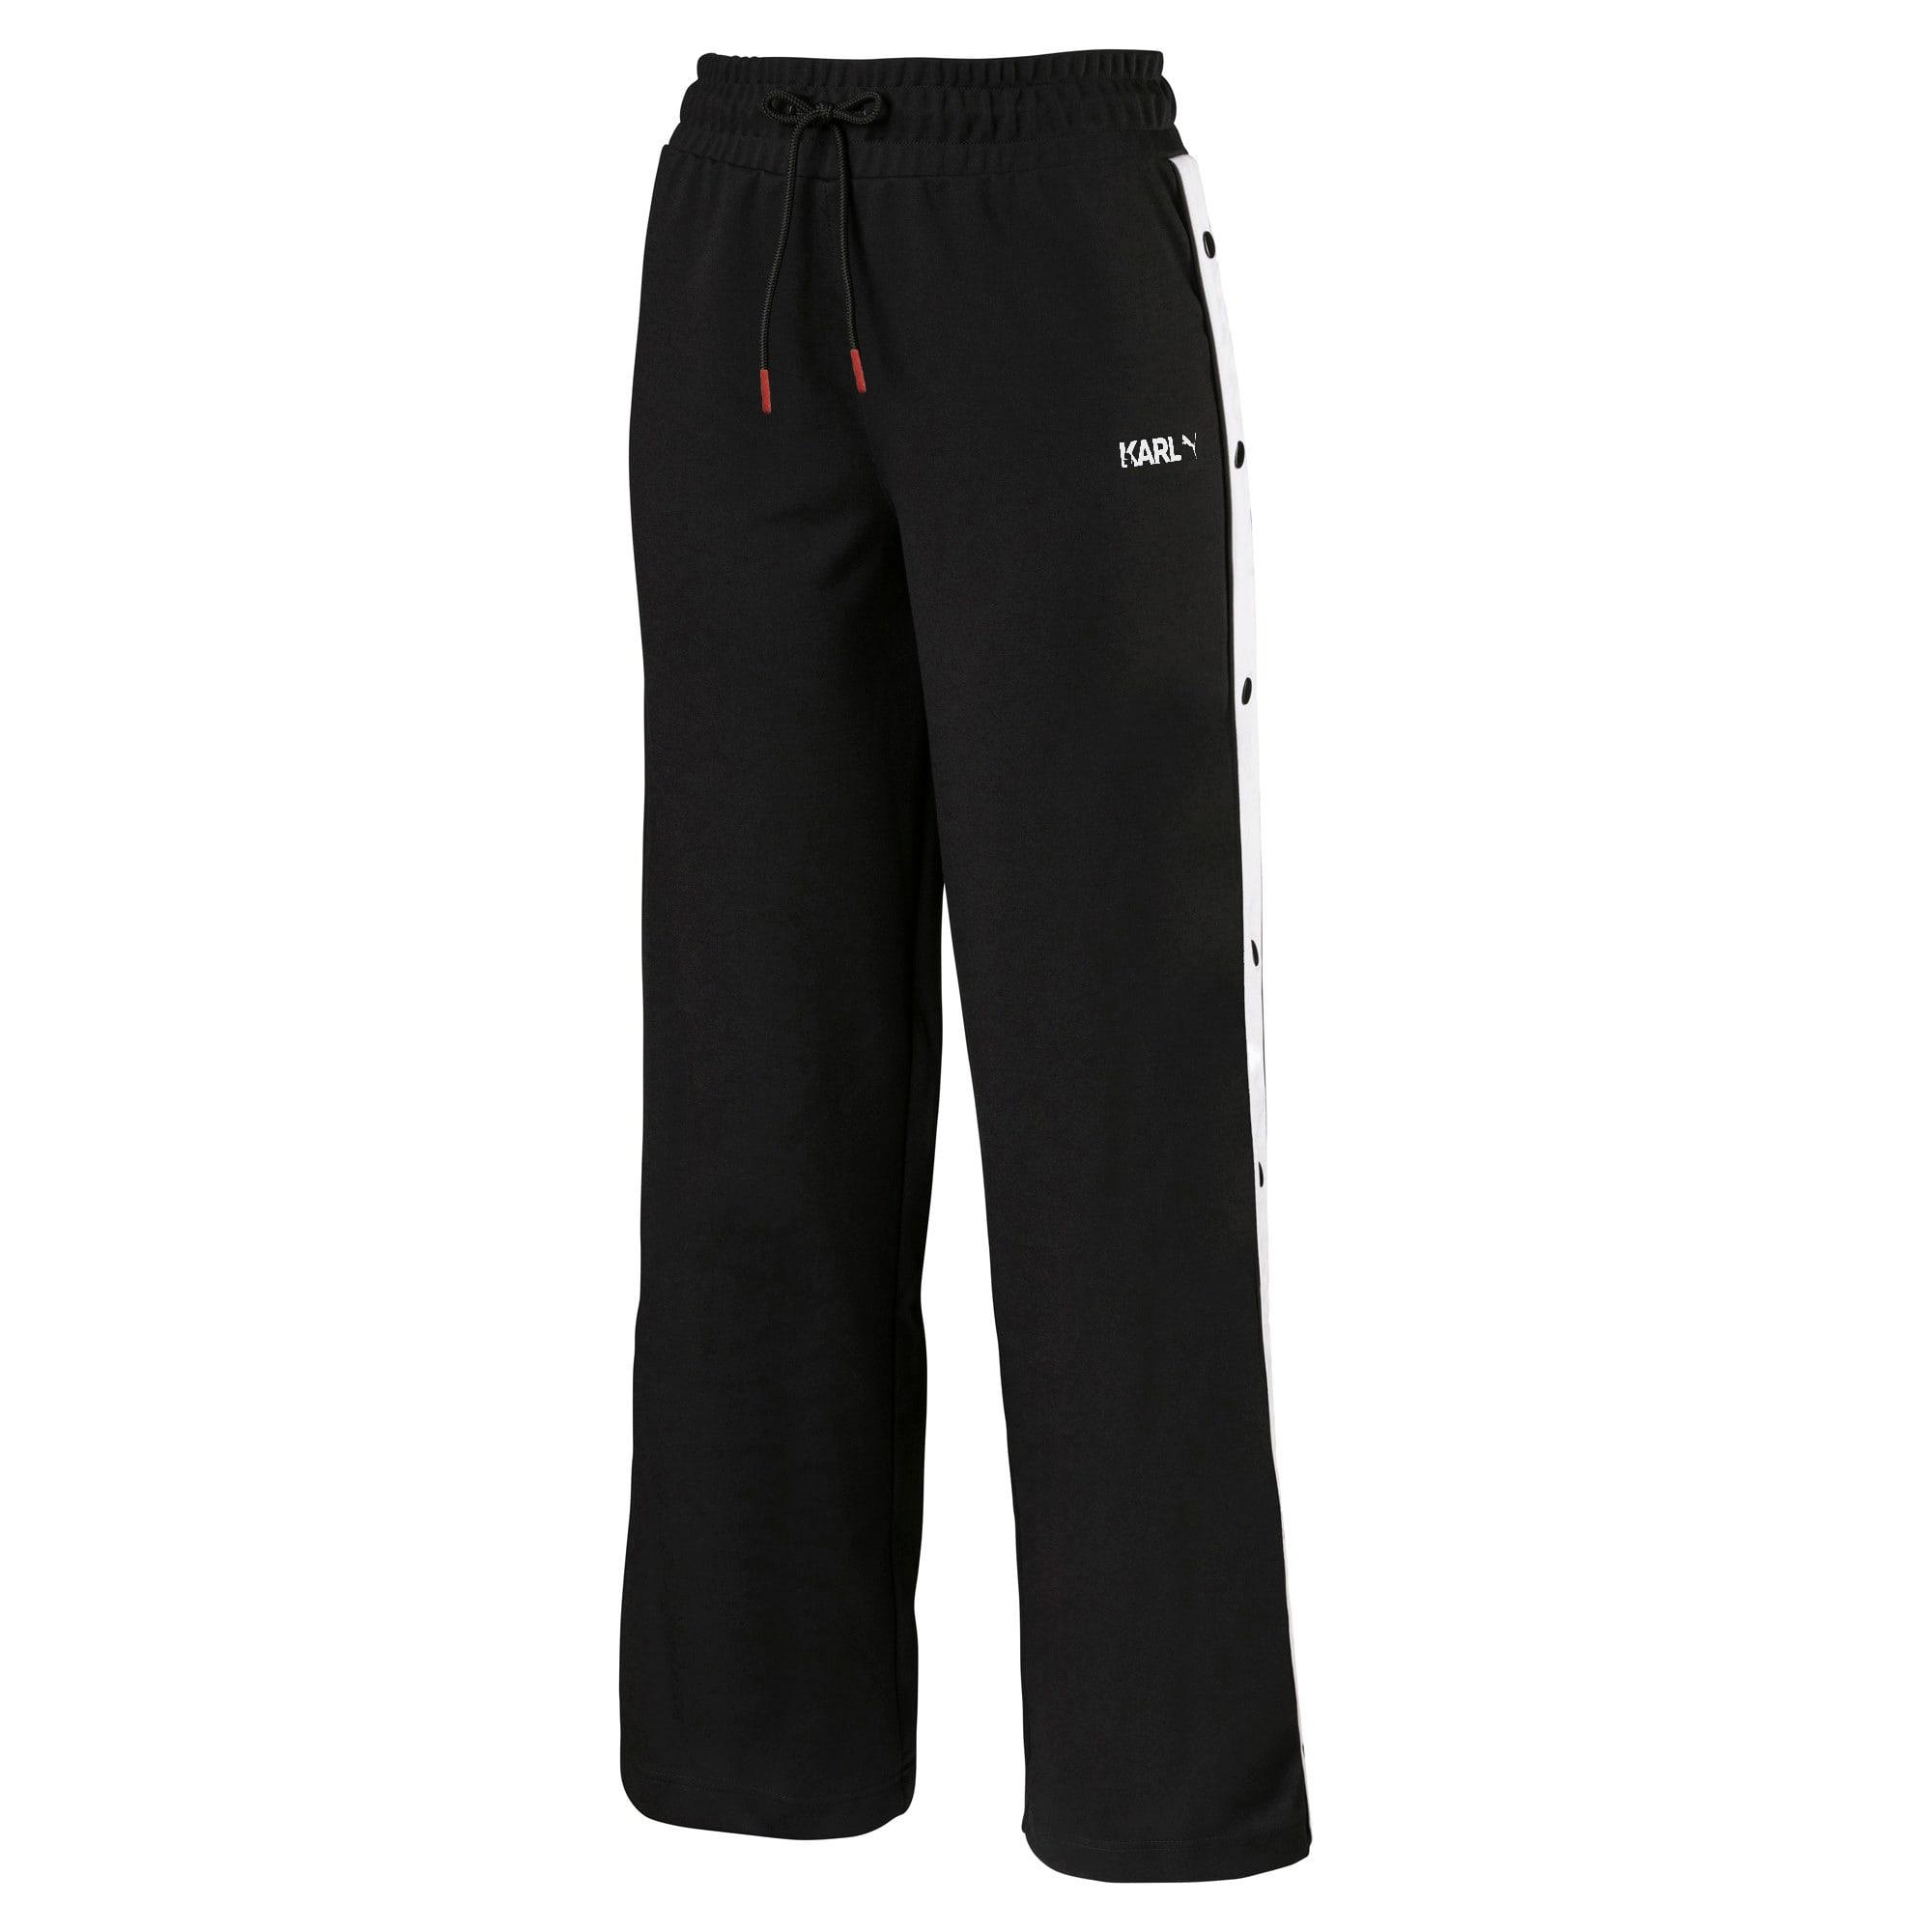 Anteprima 4 di PUMA x KARL LAGERFELD Knitted Women's Wide Pants, Puma Black, medio